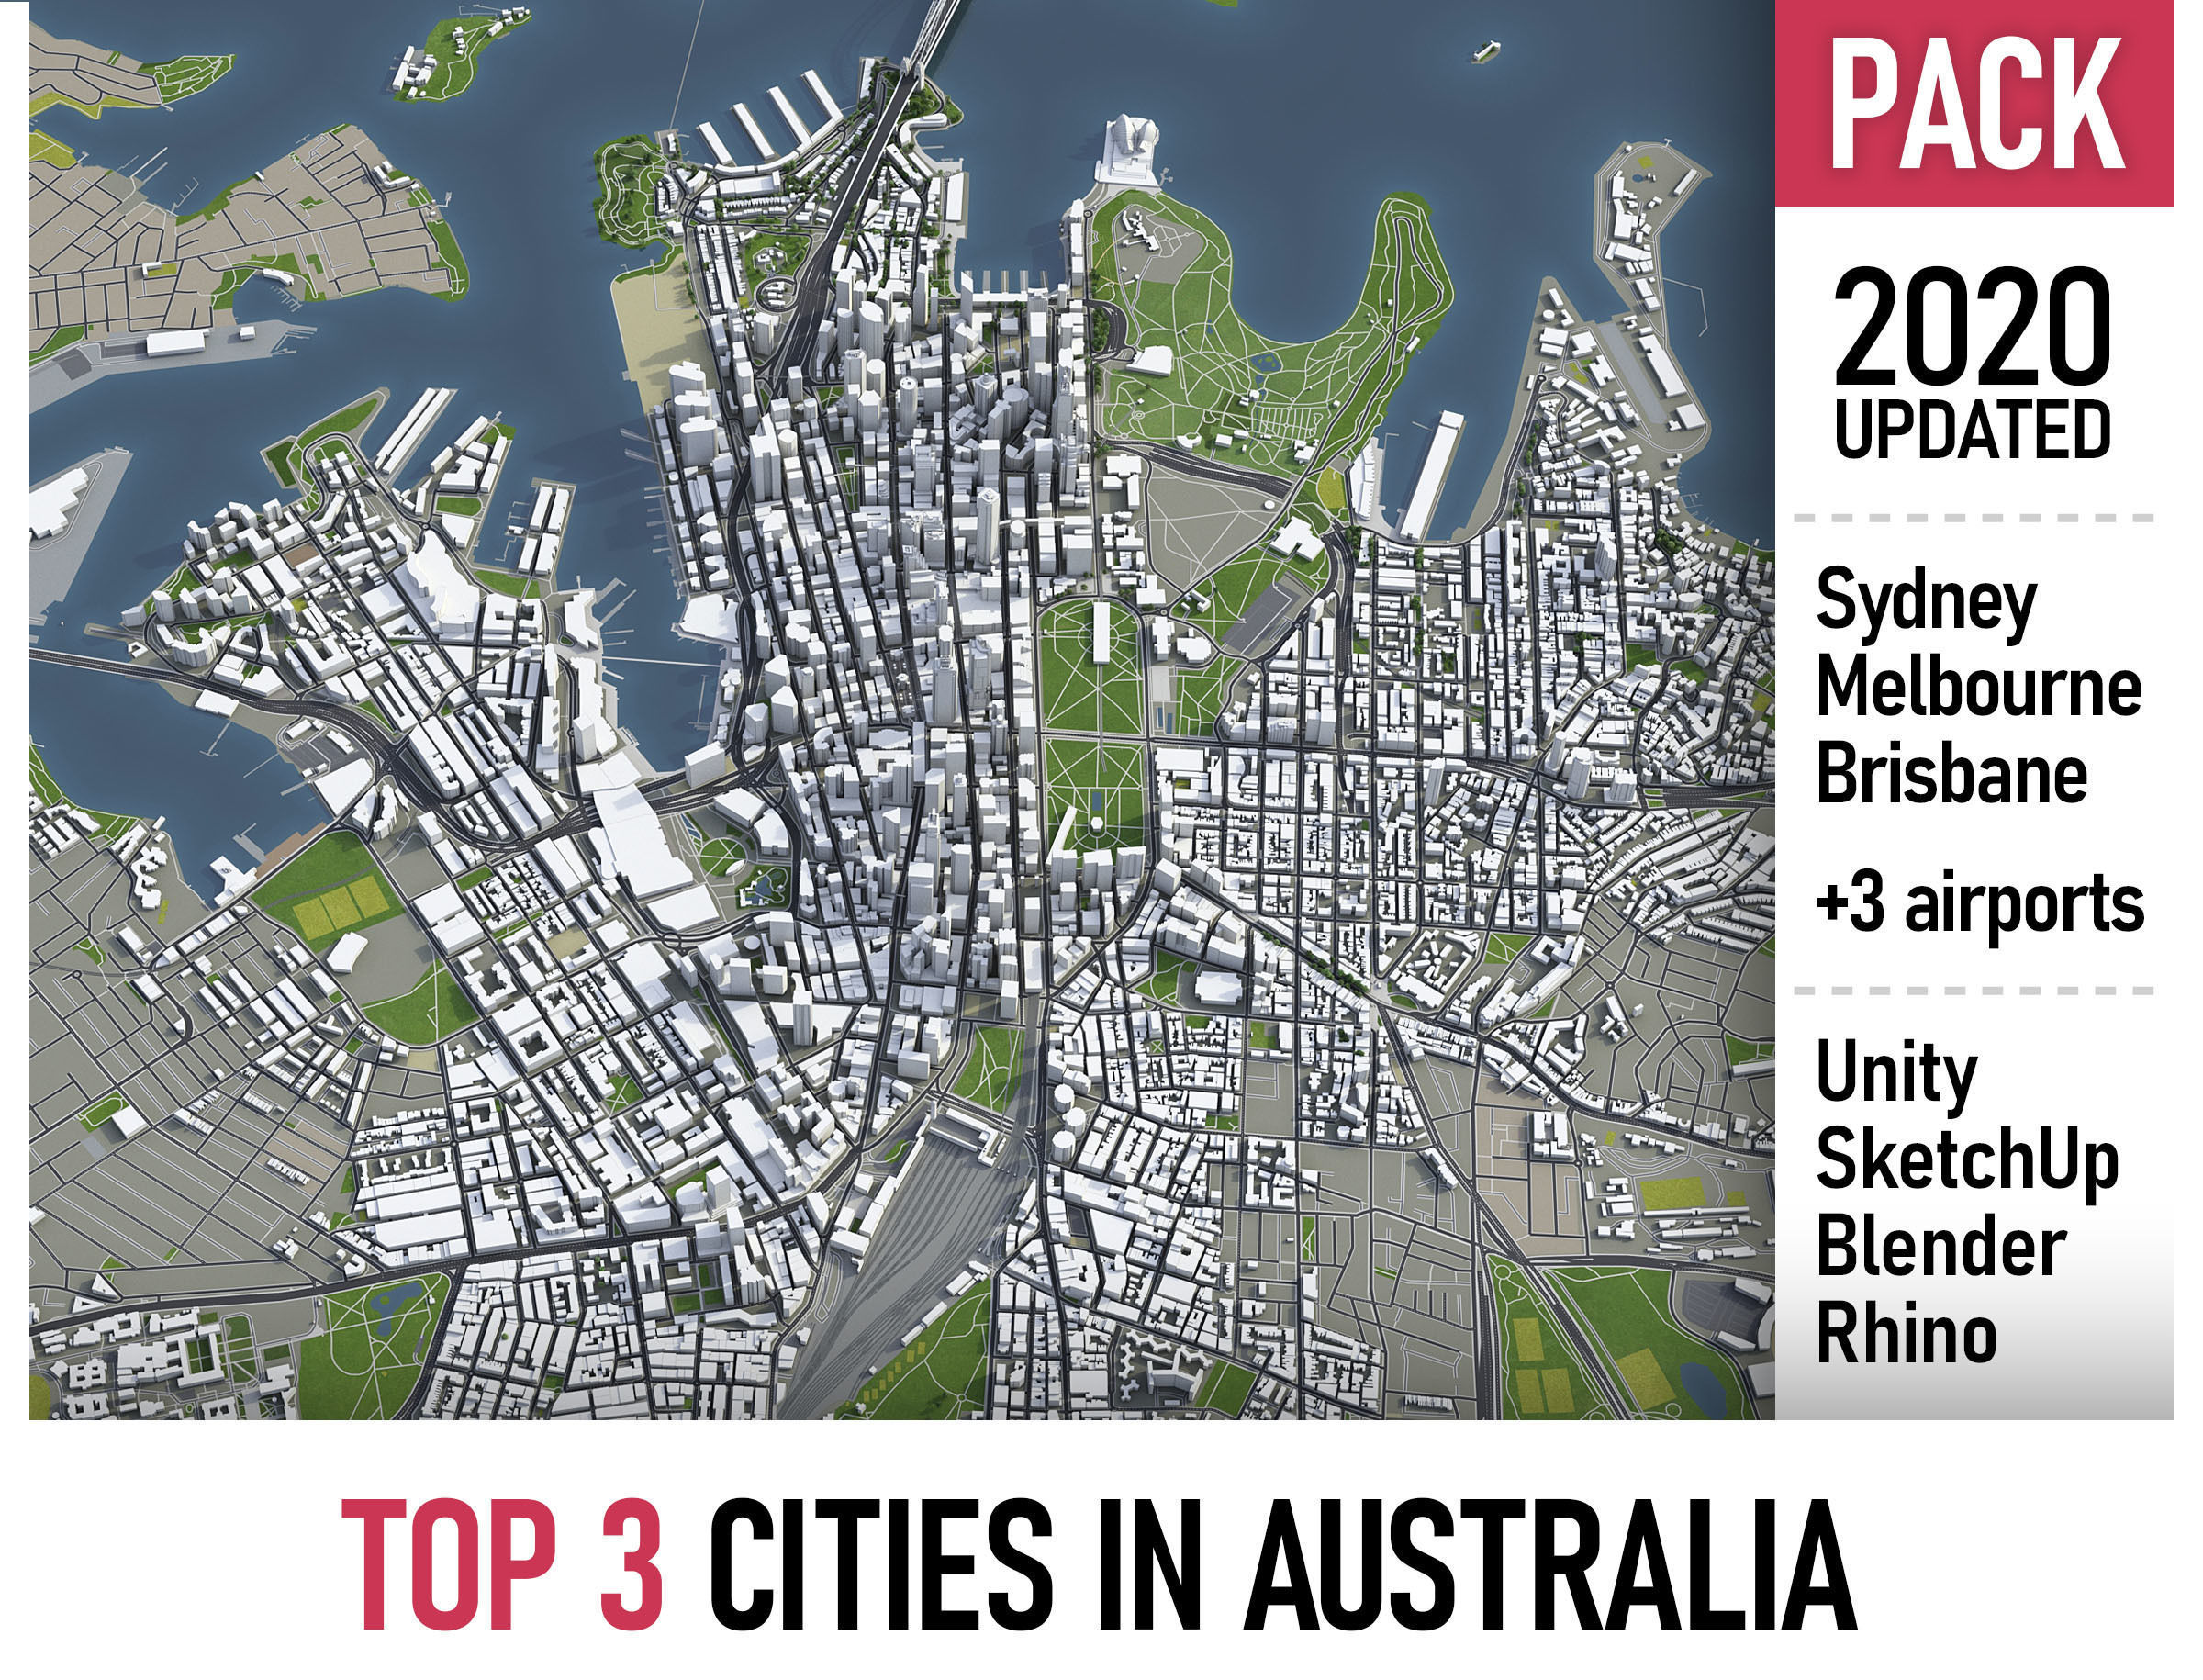 Top 3 Cities in Australia